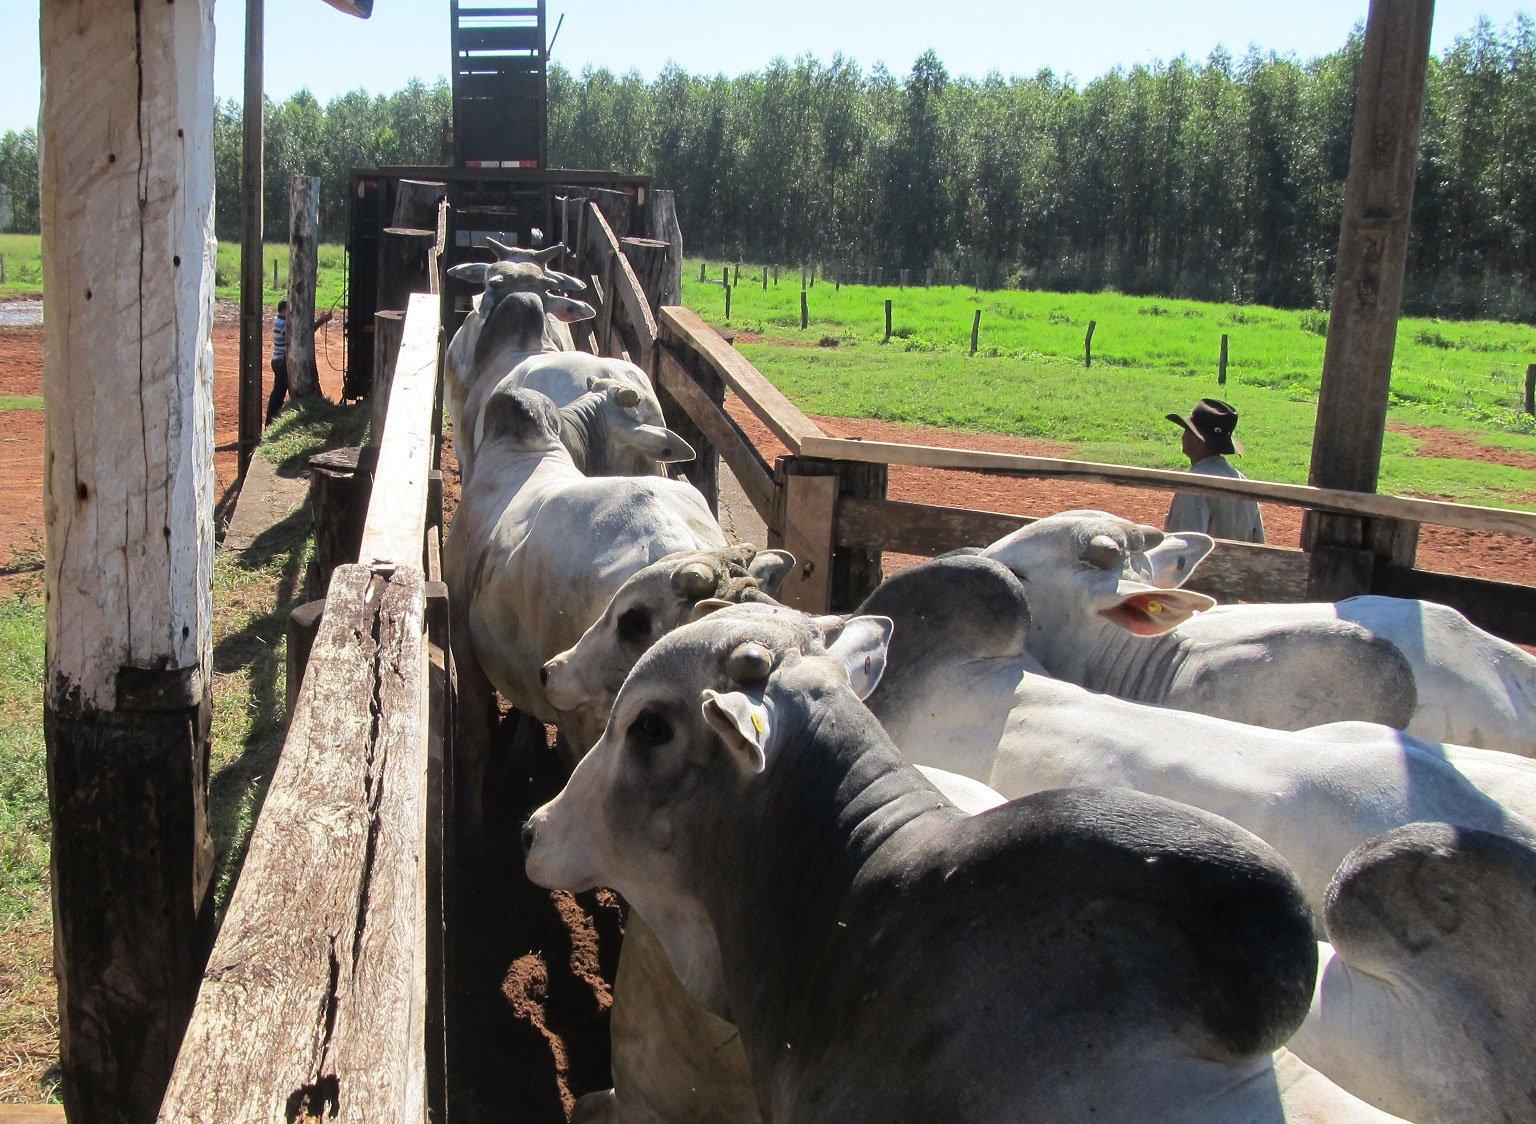 Bandidos armados com fuzil fazem gerente de fazenda e família reféns e roubam 400 cabeças de gado em MT